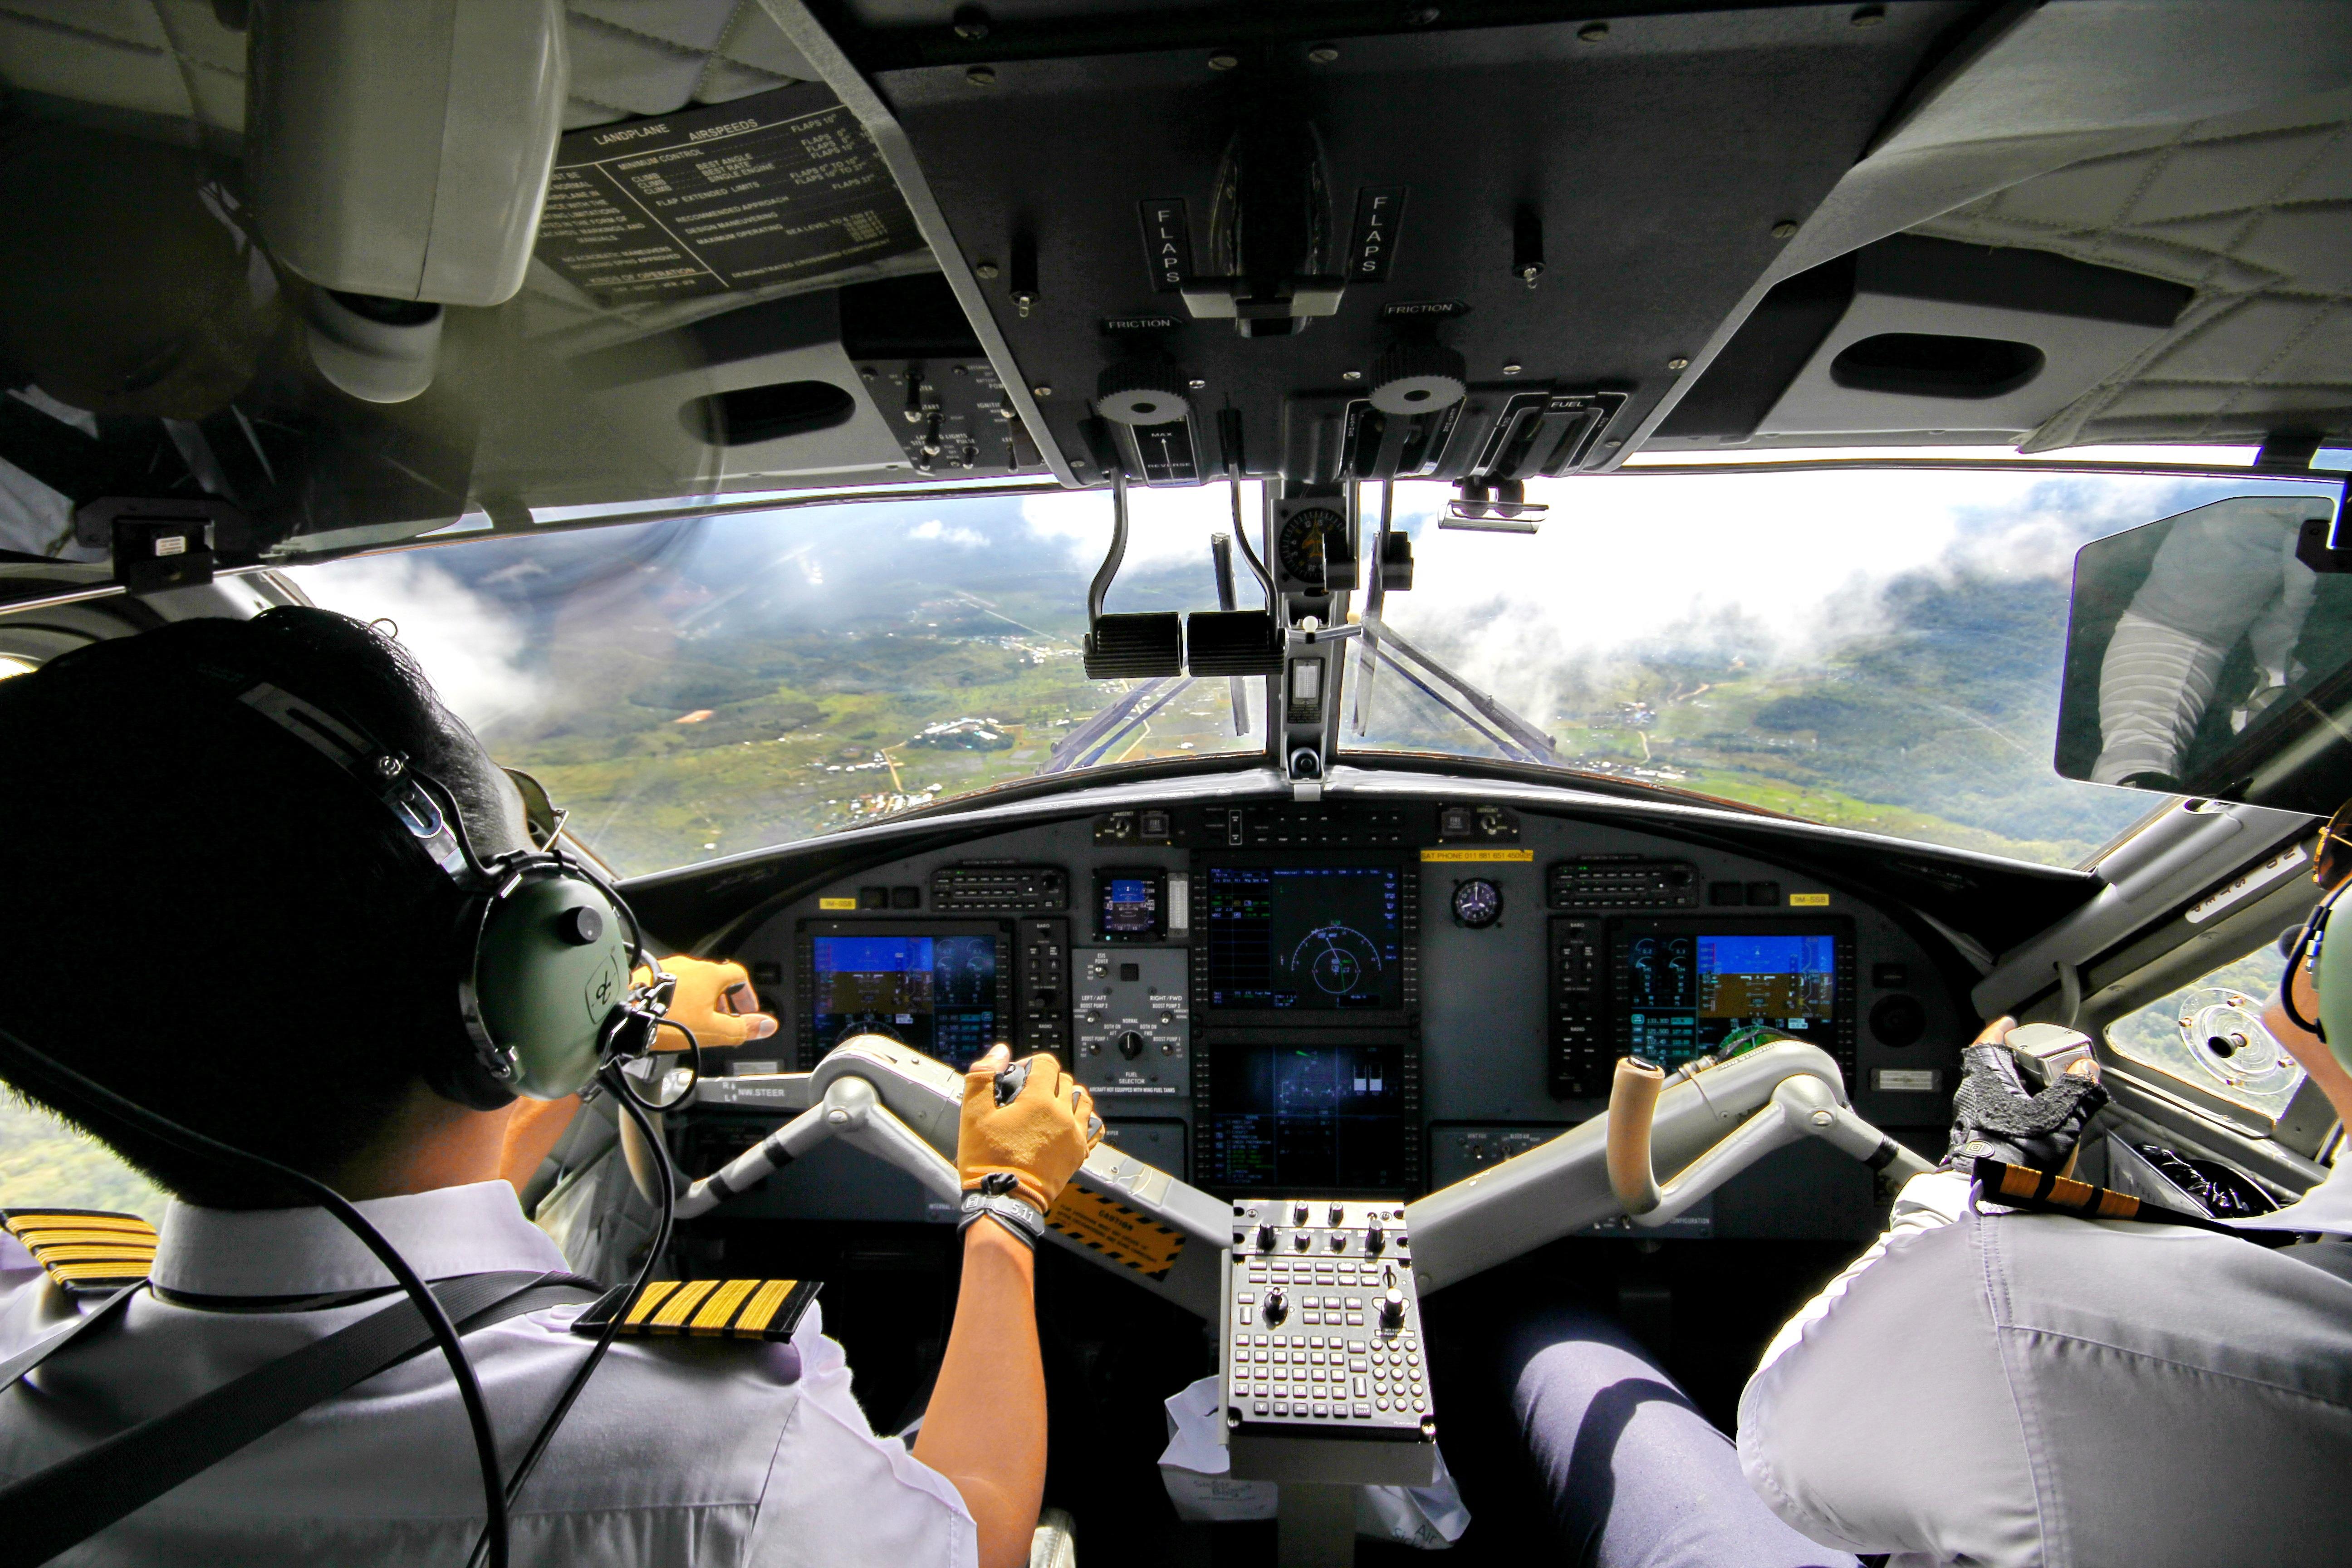 Gambar Orang Pesawat Terbang Kendaraan Perusahaan Penerbangan